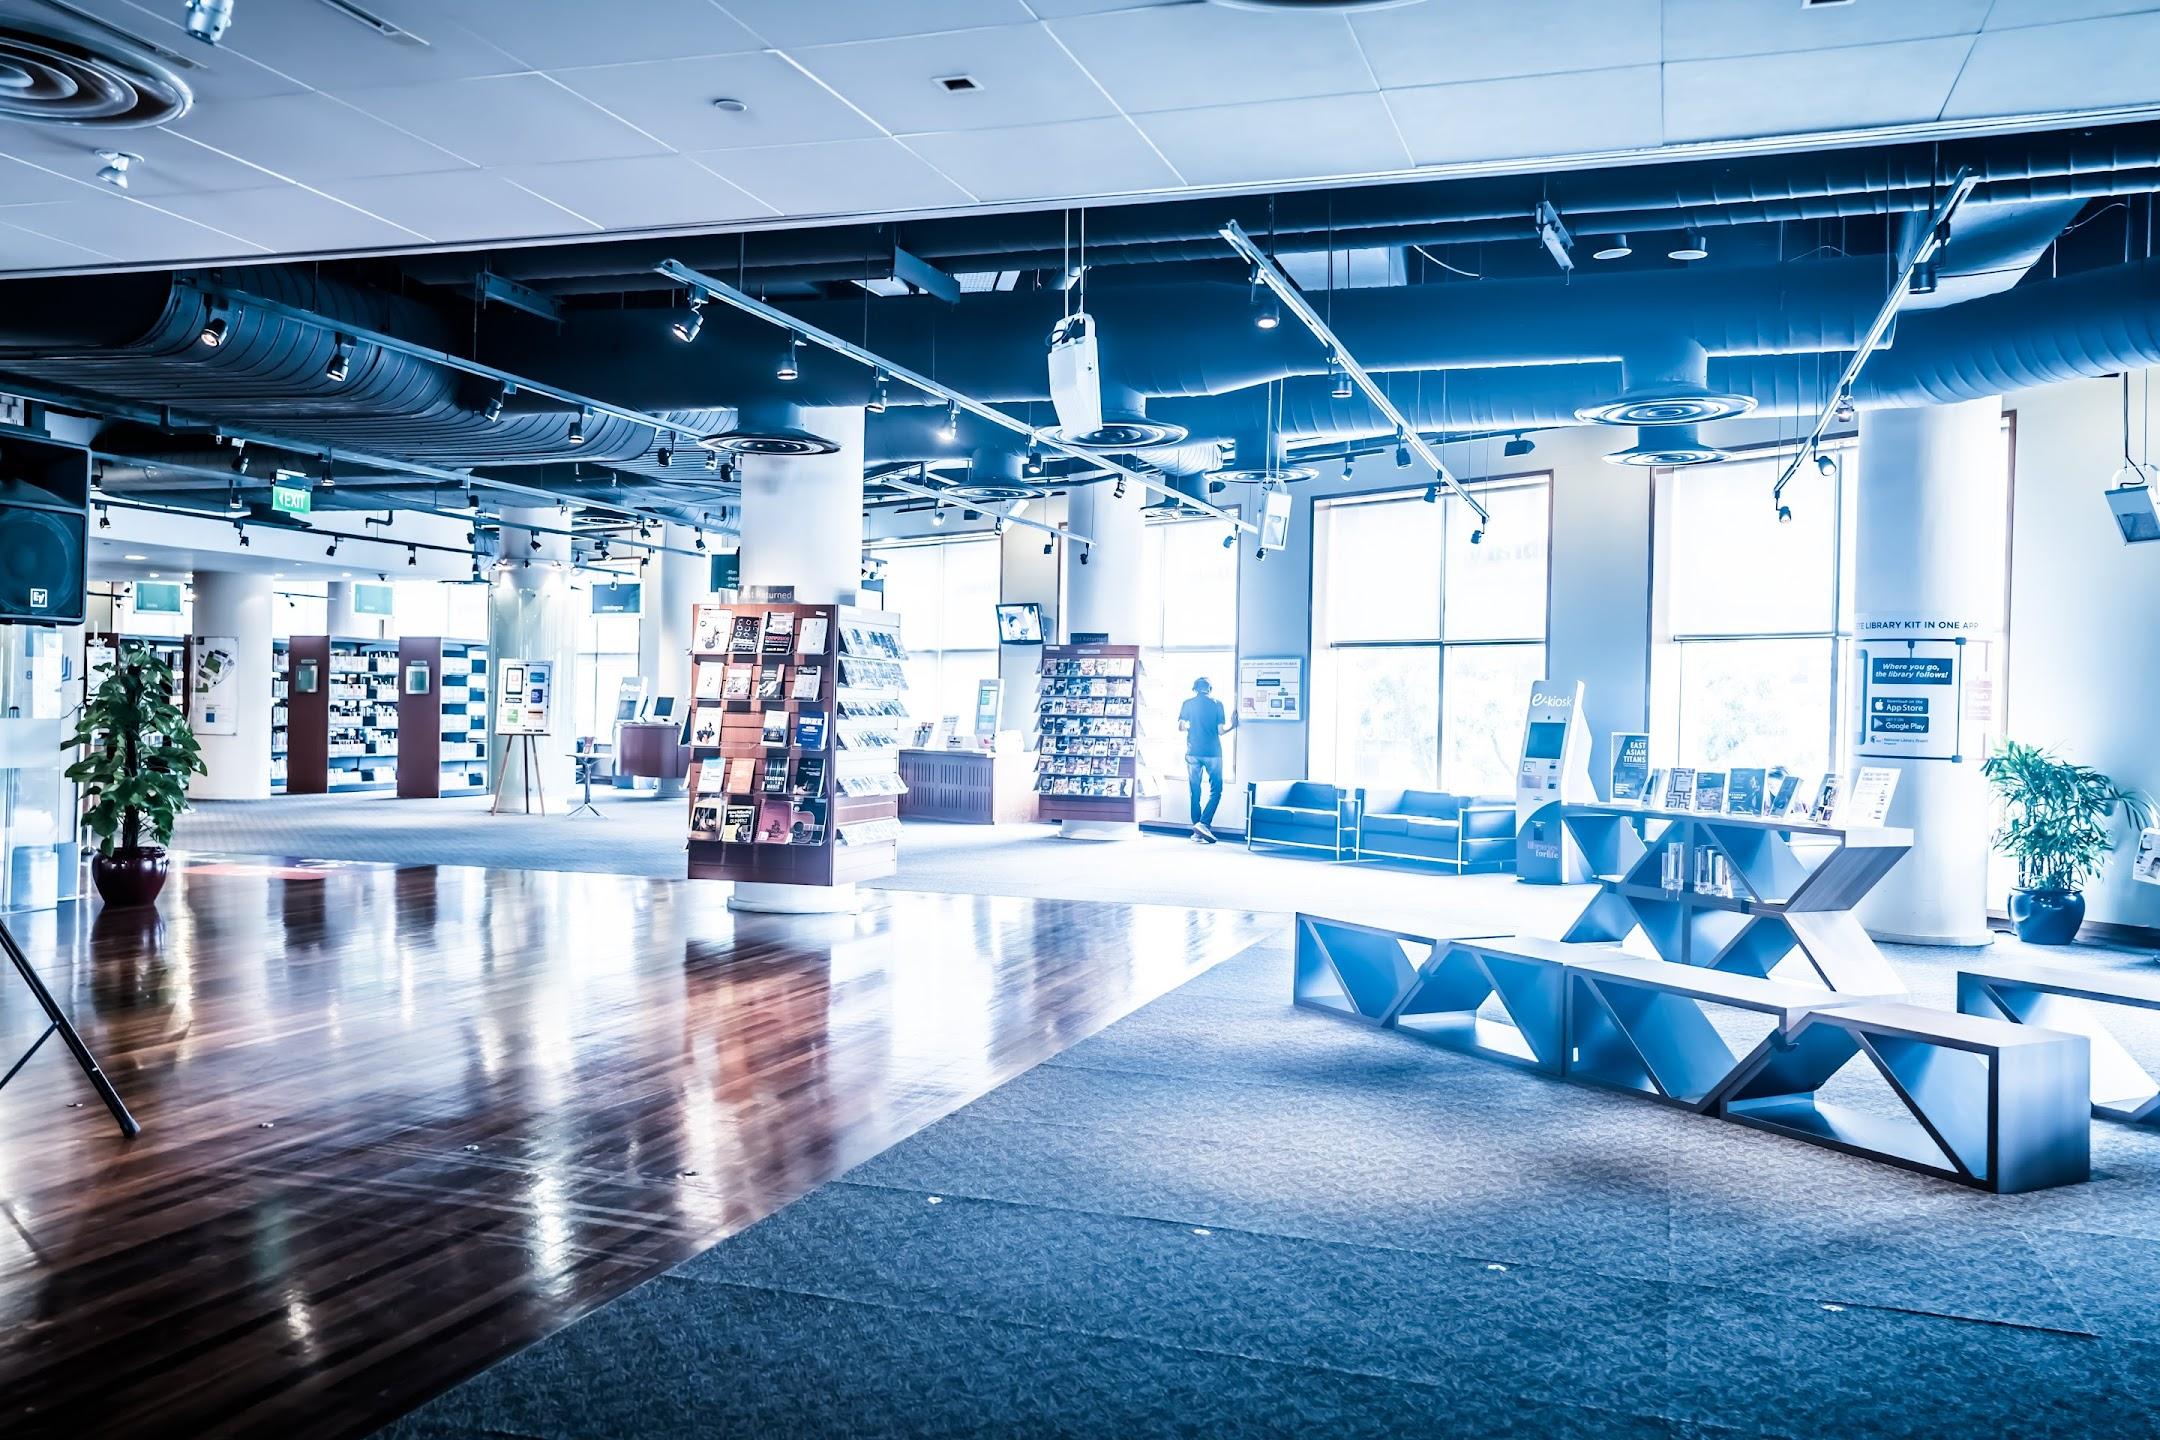 シンガポール library@esplanade2